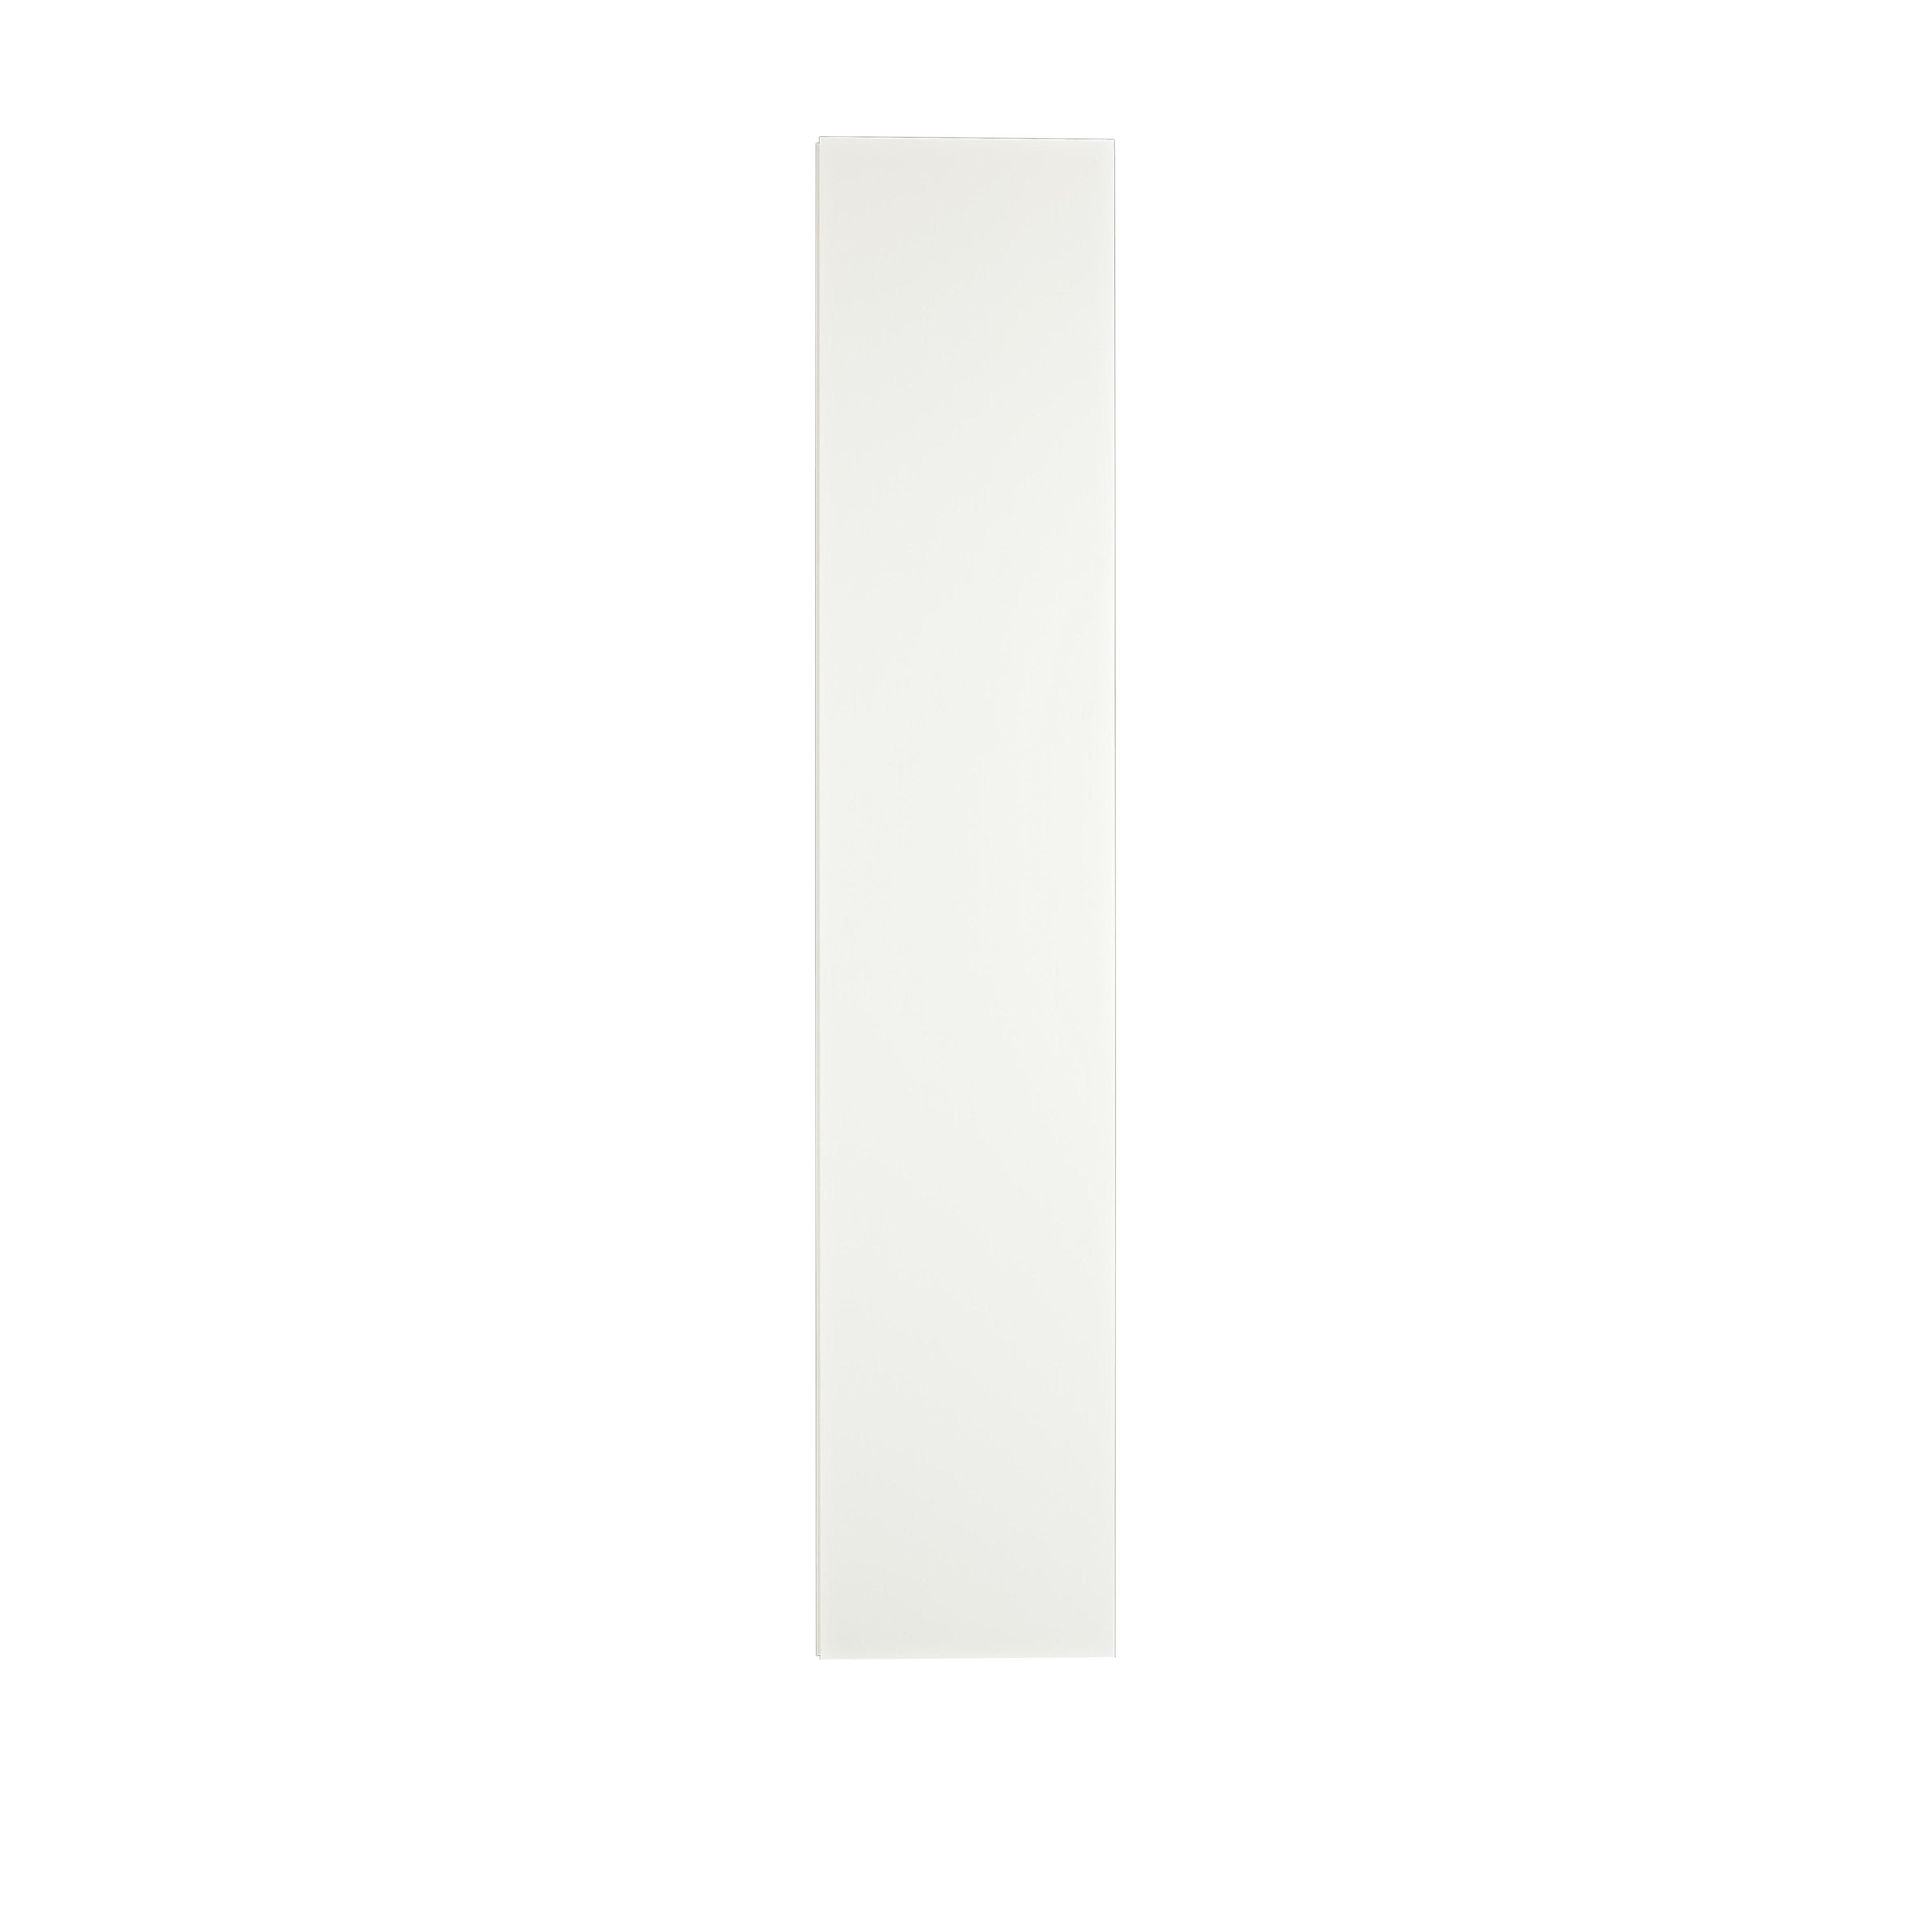 Line Vitrinskåp White från sidan - englesson.se